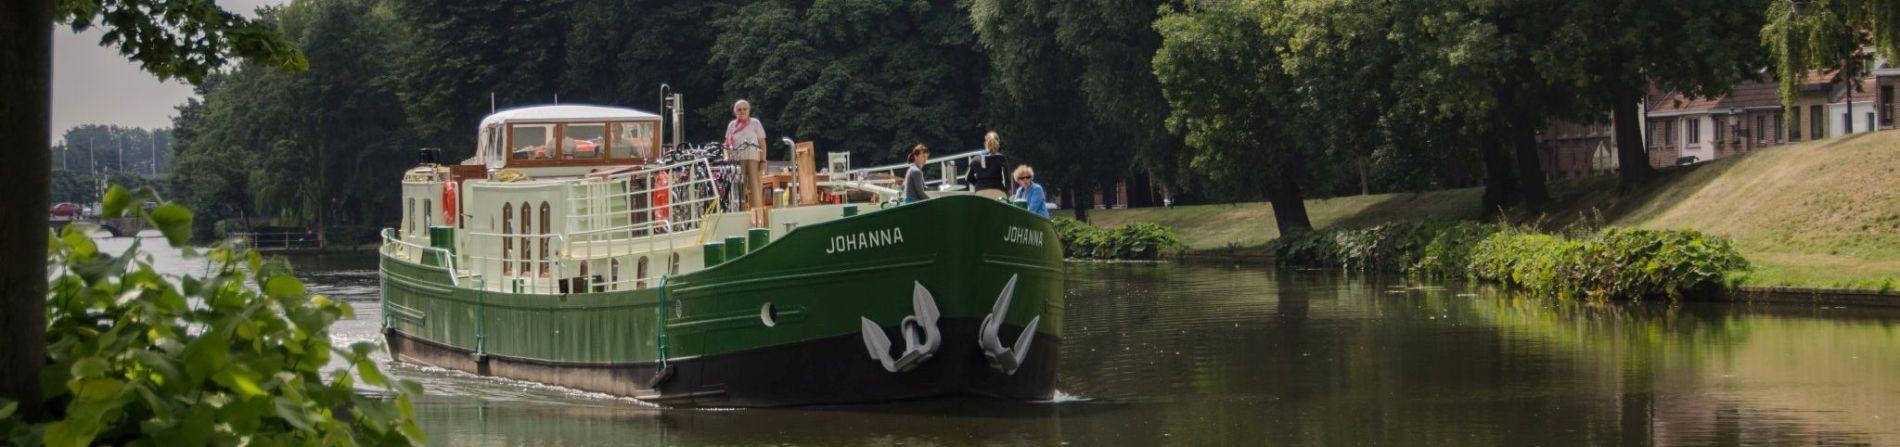 Johanna op het kanaal in Brugge